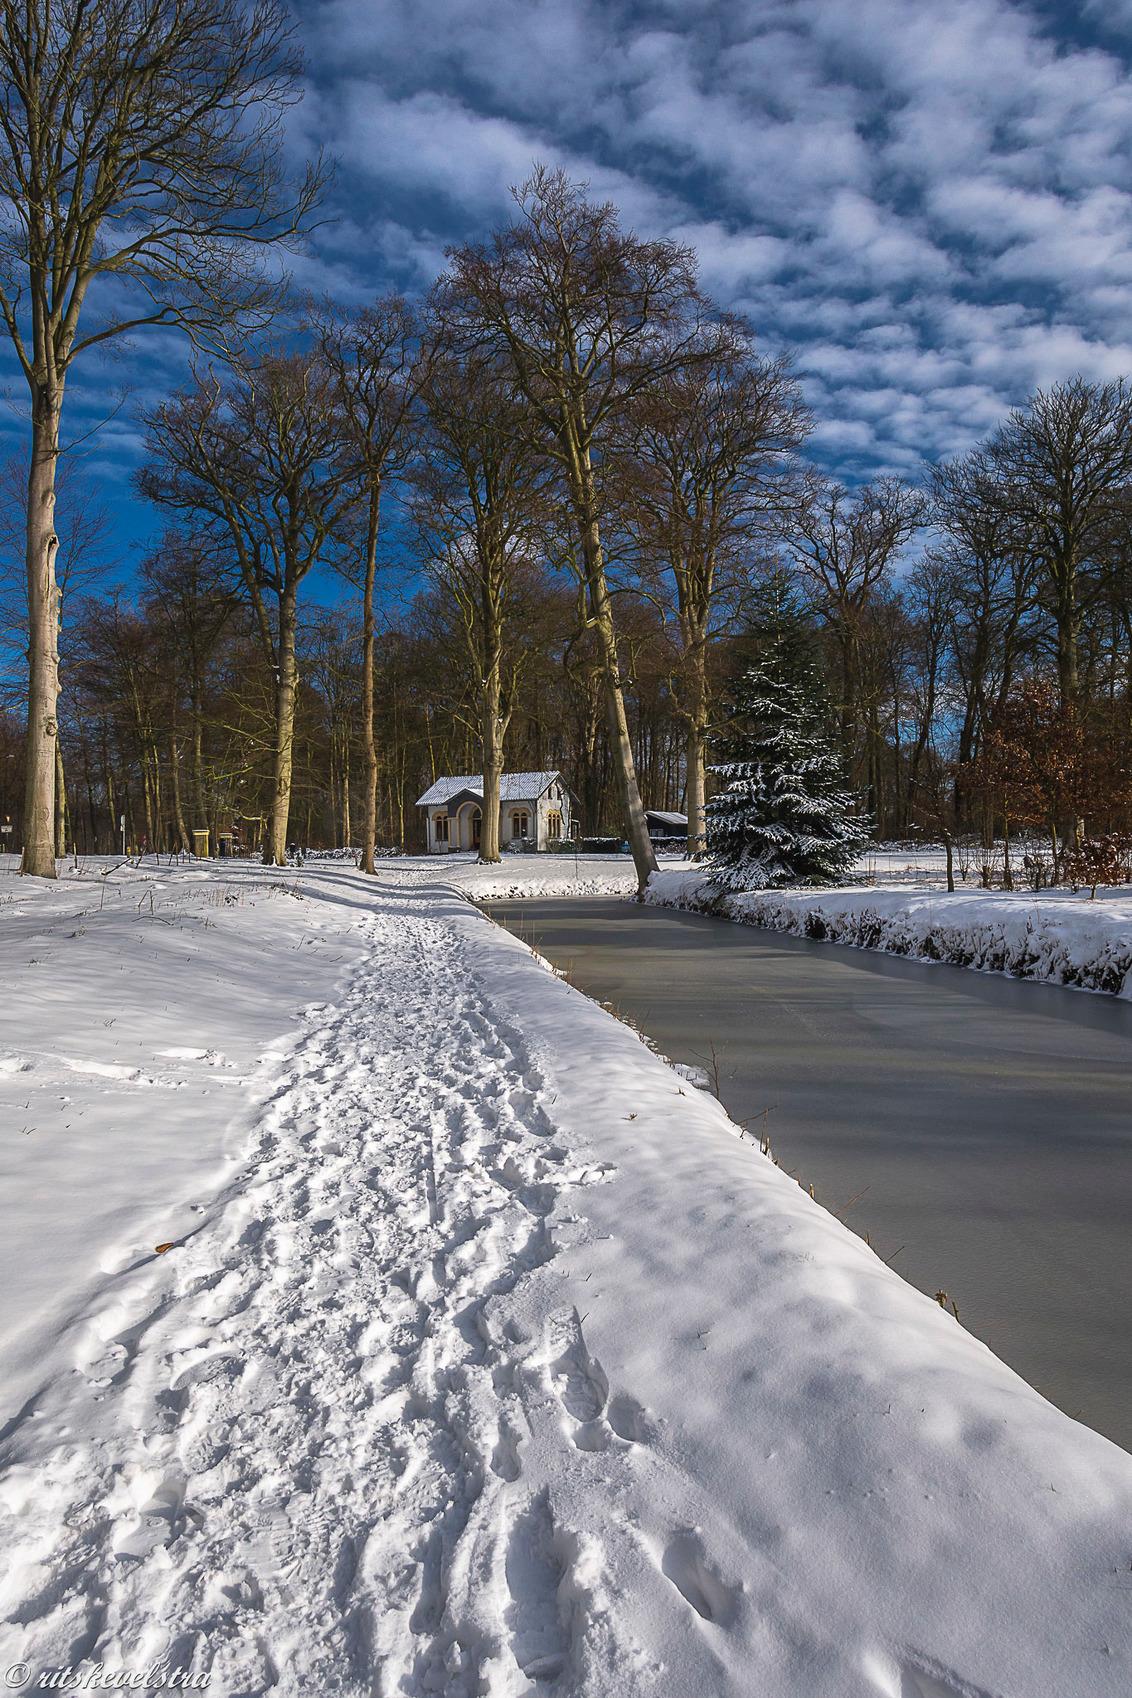 portierswoning Nijenburg - Op de plek van de vorige foto naar links en dan zie over de sneeuw de mooie witte portierswoning van Nijenburg met een blauwe lucht. - foto door rits op 10-02-2021 - deze foto bevat: wolken, sneeuw, natuurmonumenten, nijenburg, heilooerbos